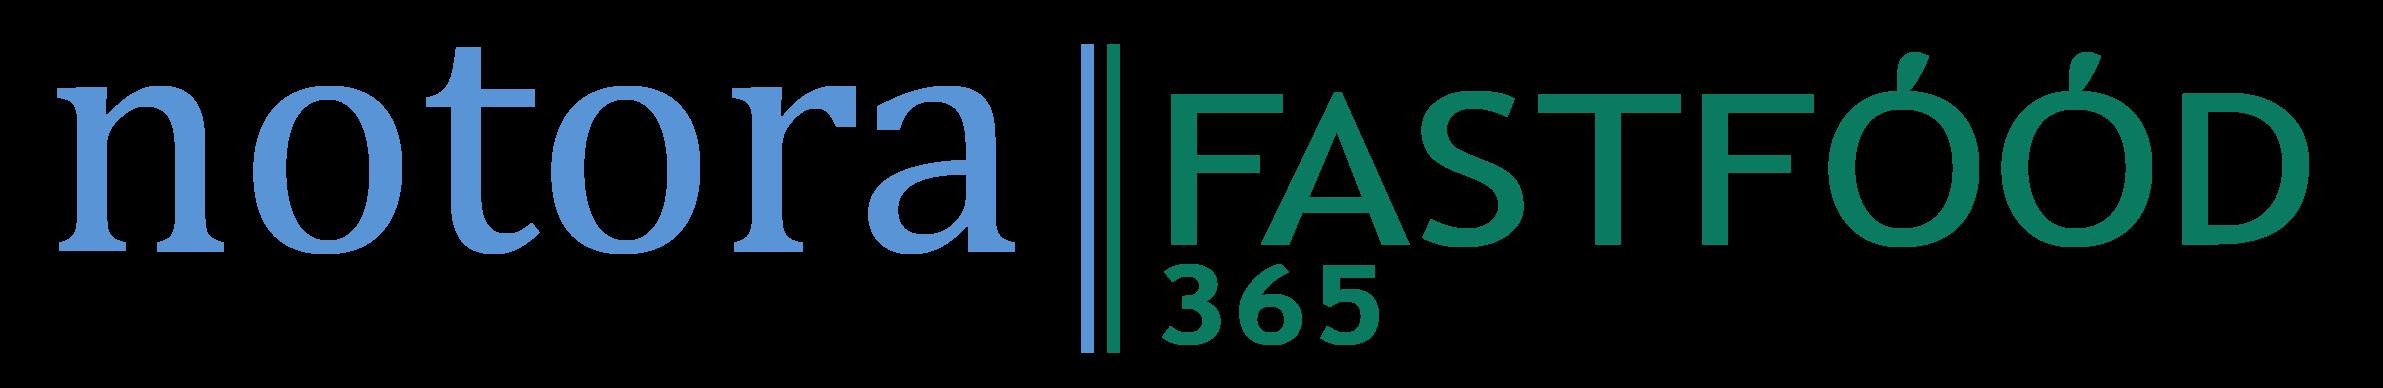 Notora | Fastfood logo